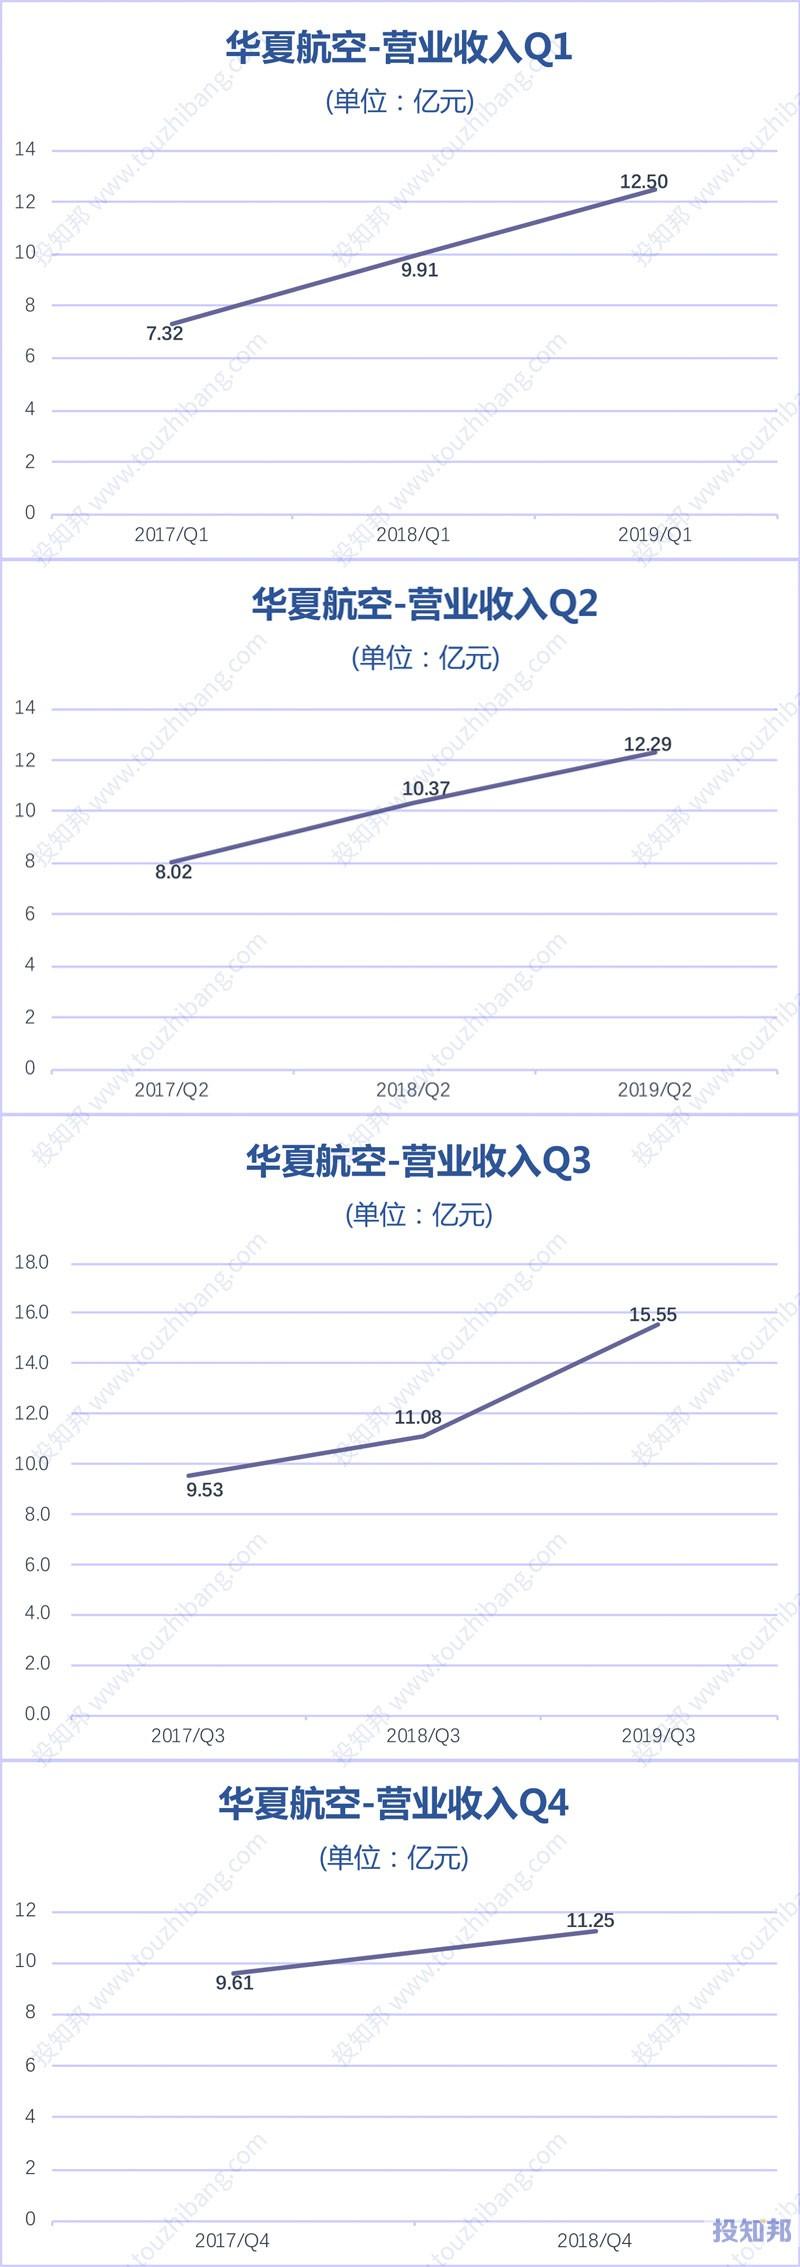 图解华夏航空(002928)财报数据(2017年~2019年Q3)